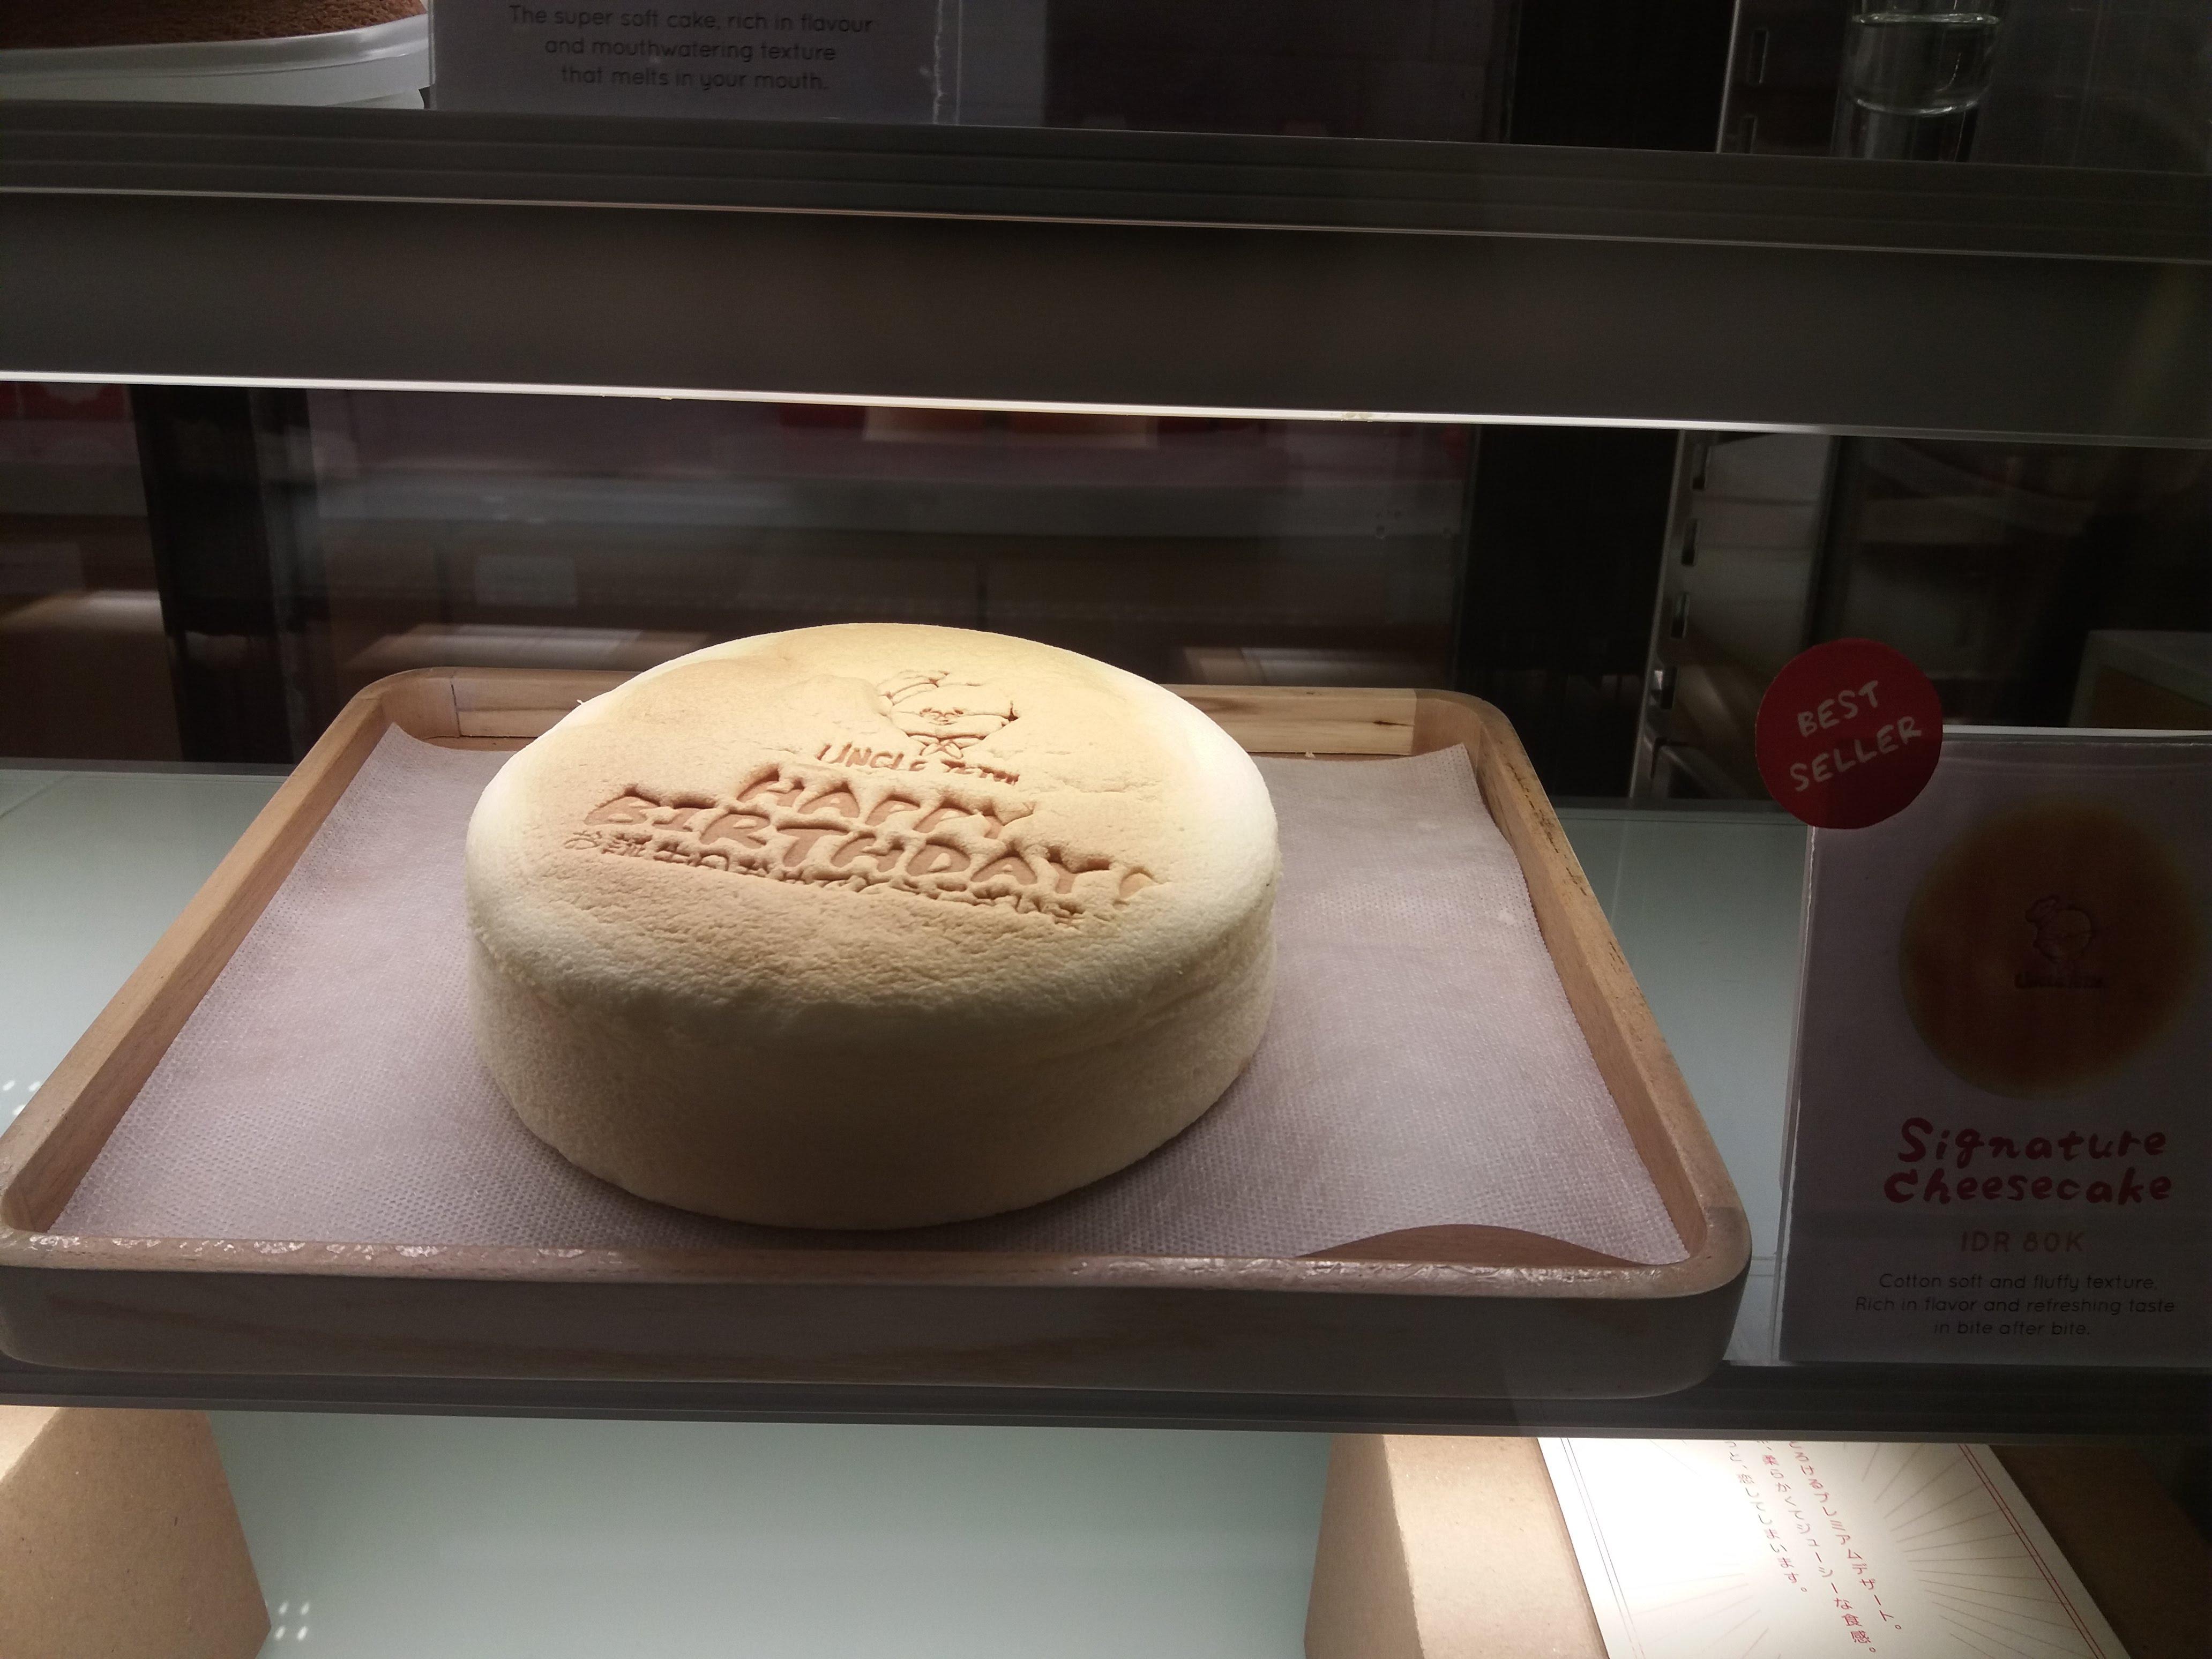 てつおじさんのチーズケーキ、クラパガディンモールにオープン